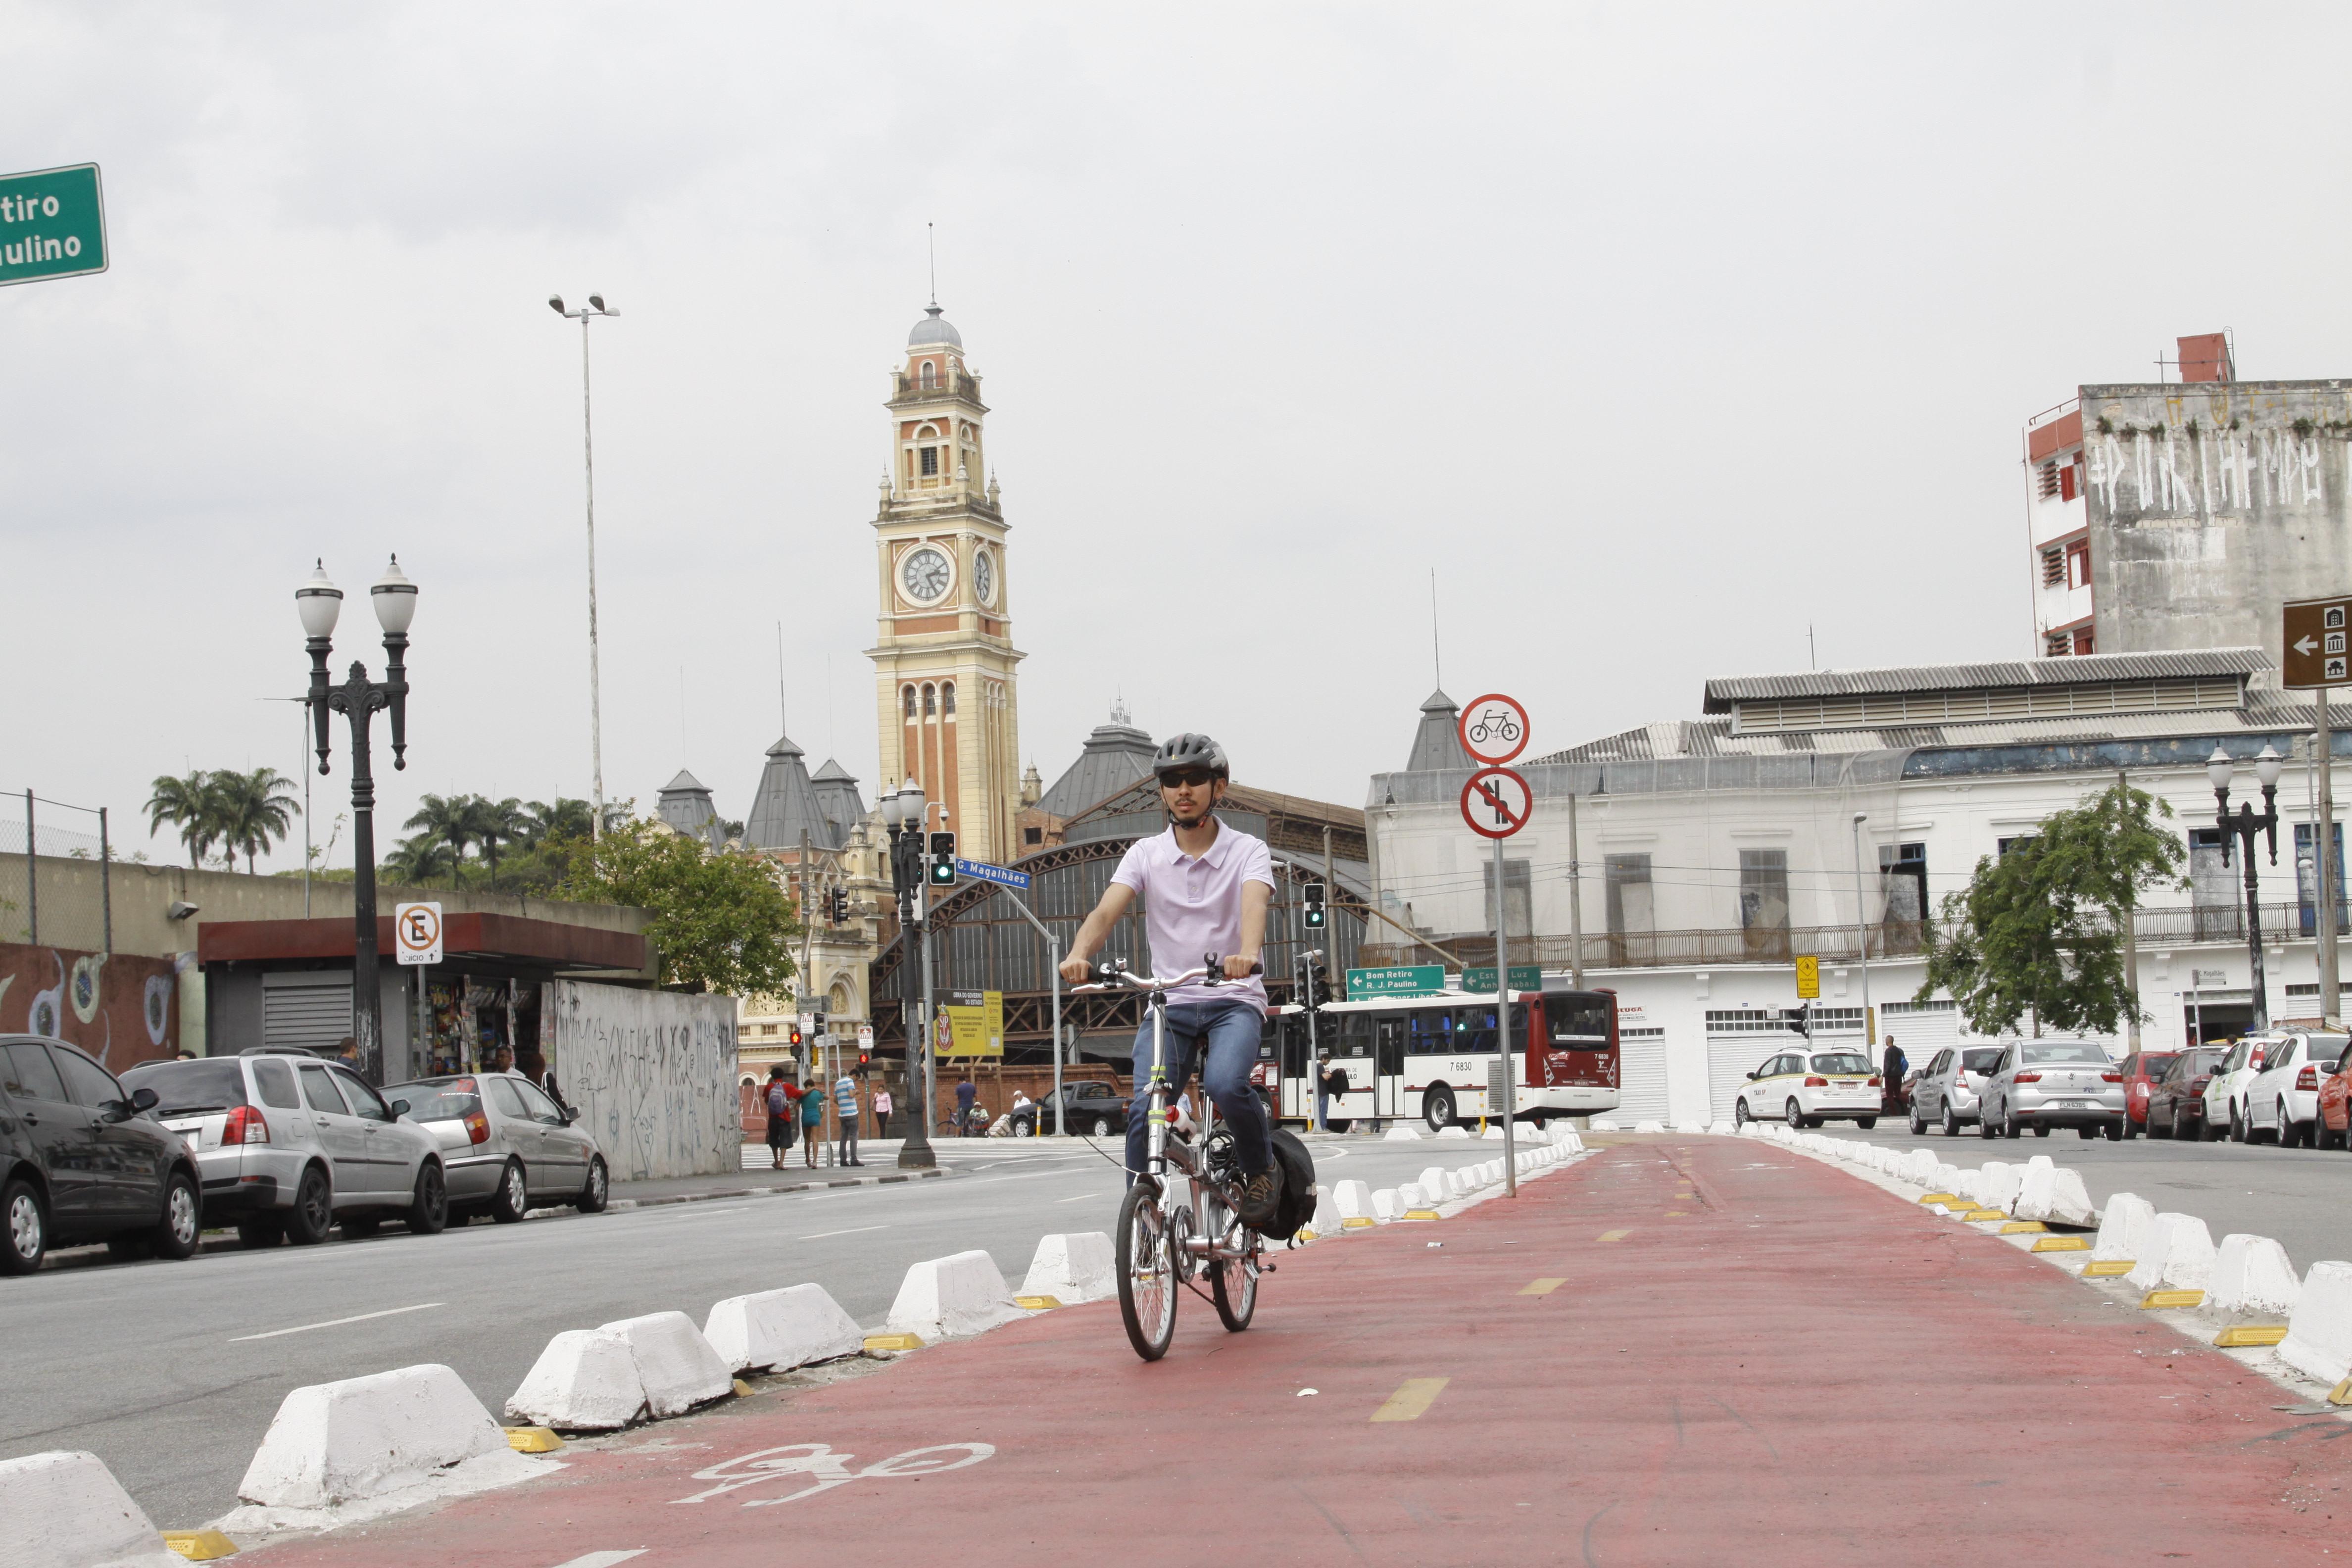 En el primer plano se destaca un ciclista utilizando una ciclofaixa con piso rojo y demarcada en los laterales por peqyenos bloques blancos. A la izquierda, una calle con coches estacionados junto a la calzada. Al fondo ya la izquierda, se destaca la gran torre del reloj, desde la Estação da Luz.